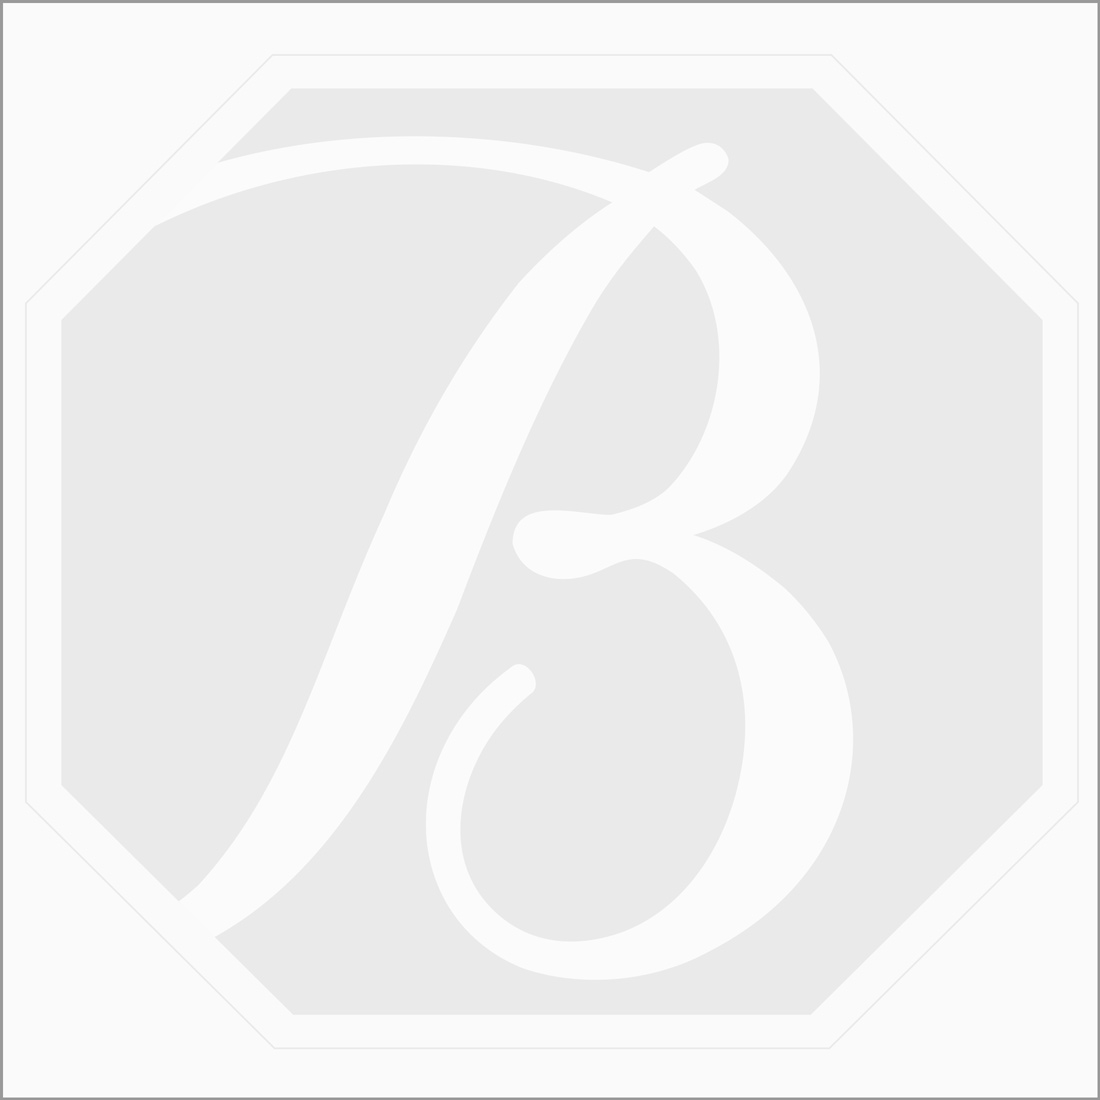 2 Pcs - 20.16 ct. - Blue Tourmaline Rose Cut -23.3 x 14.8 x 3.8 mm to 23.4 x 14.6 x 3.7 mm (TRC1126)